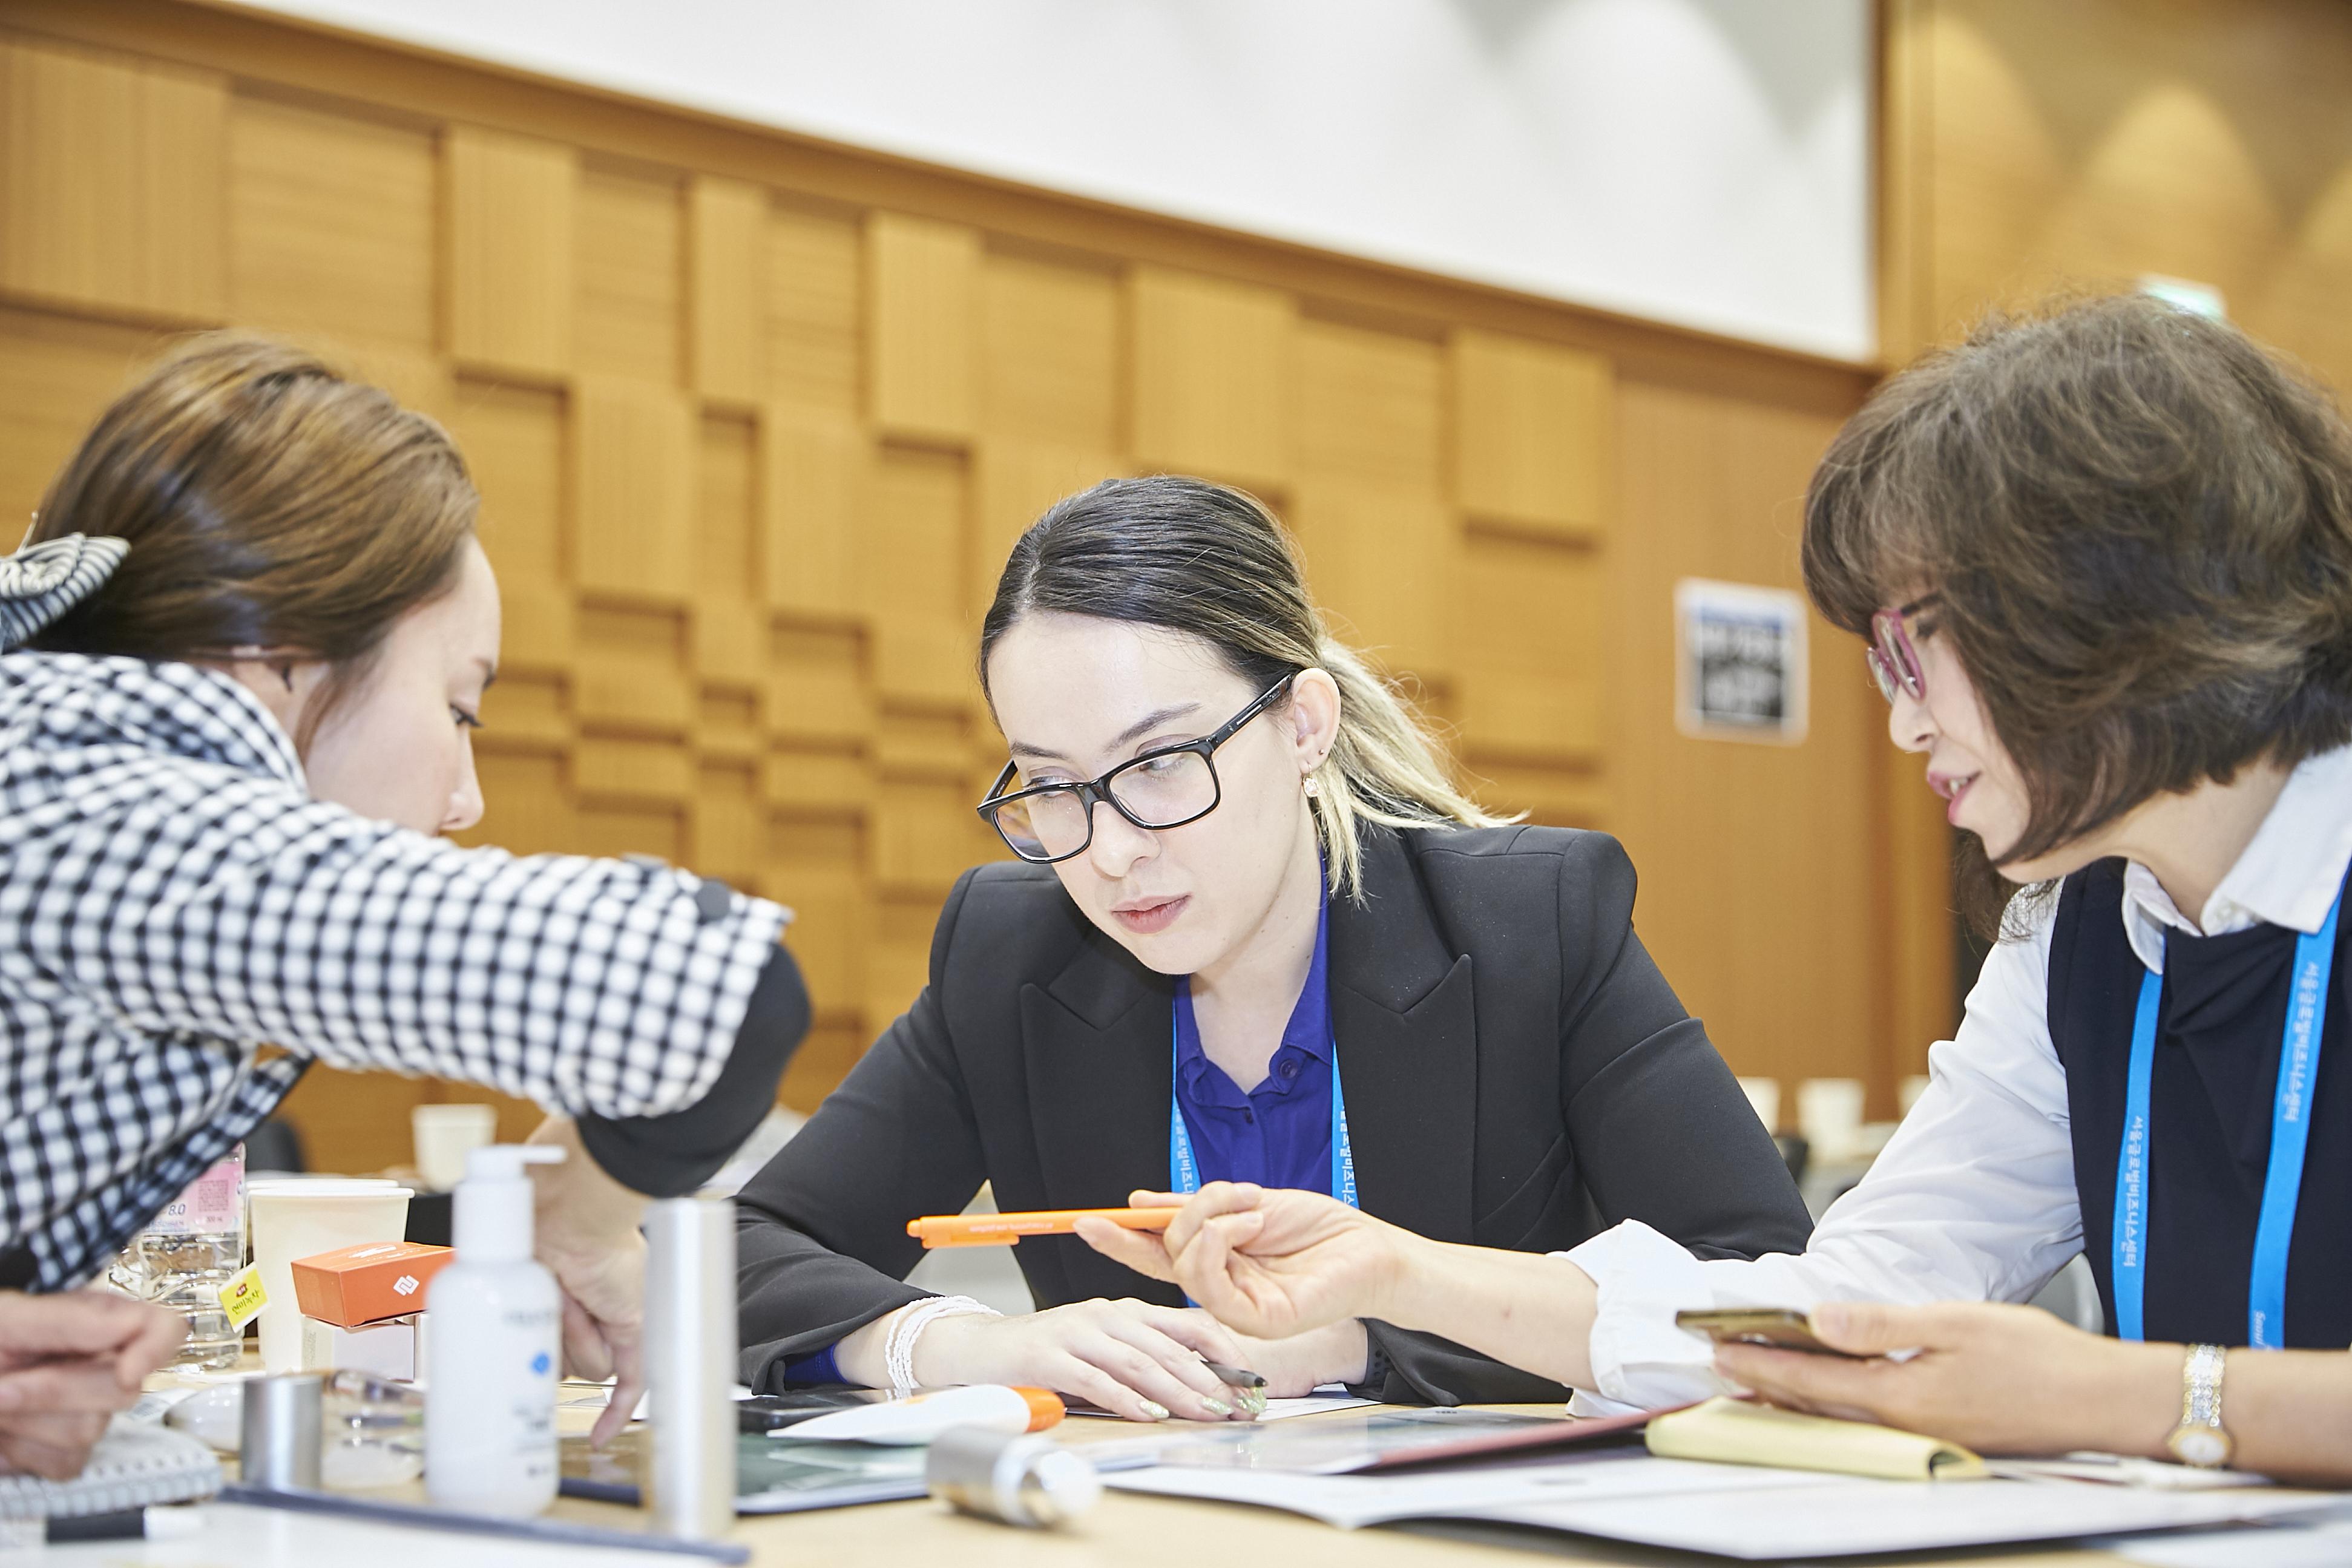 Empreendedora Brasileira É Selecionada Para Incubadora De Empresas Do Governo Sul Coreano